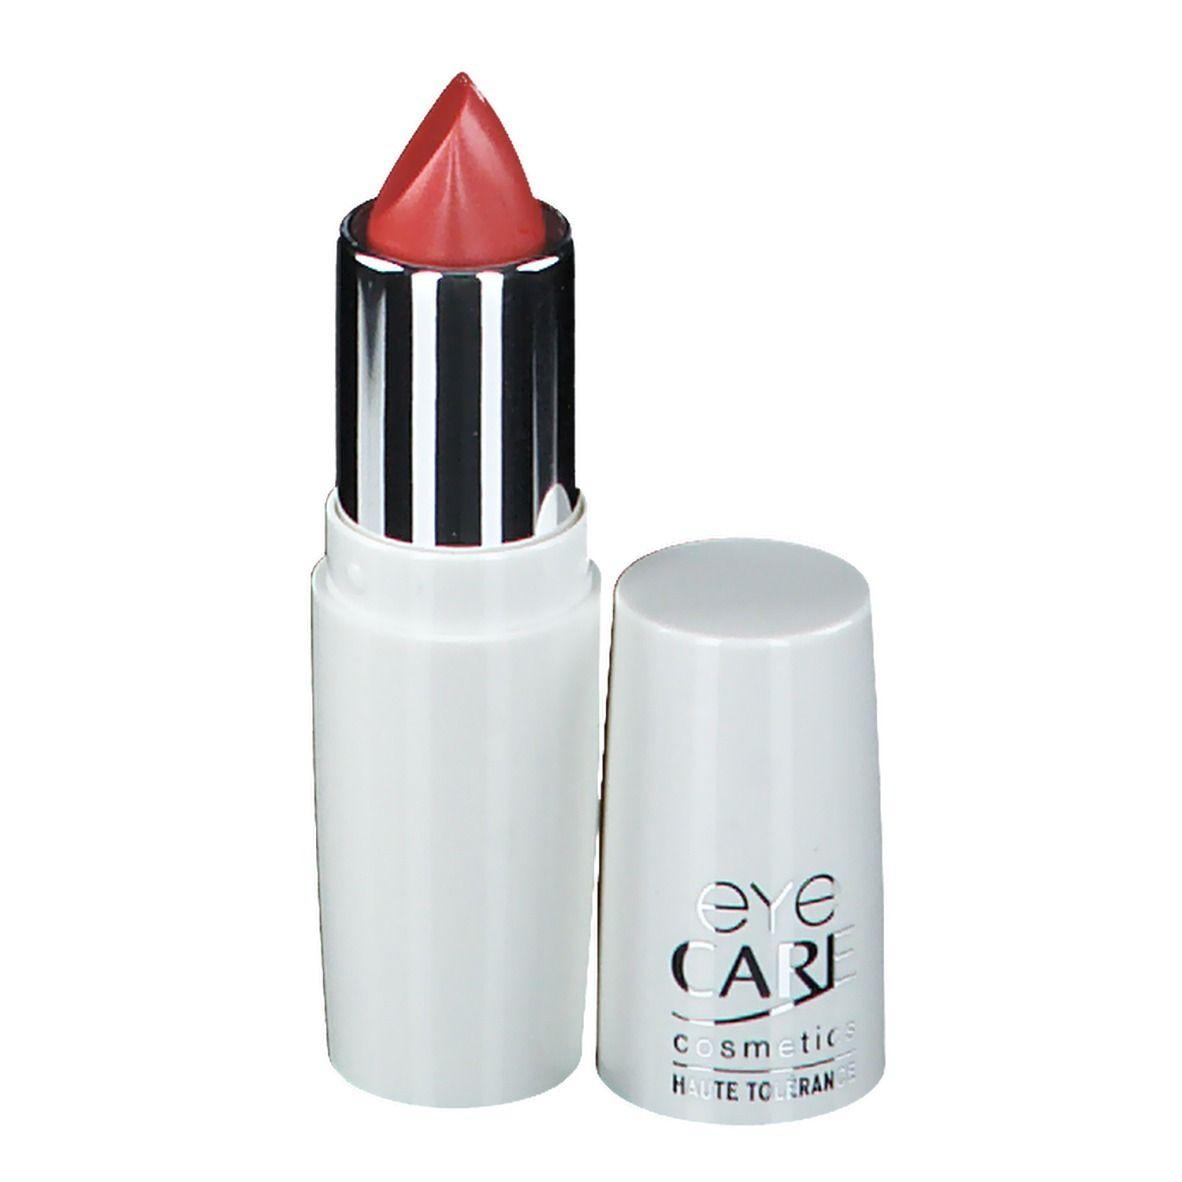 Eye Care Cosmetics eye CARE Rouge à Lèvres Haute Tolérance Bois de Rose 59 g rouge(s) à lèvres